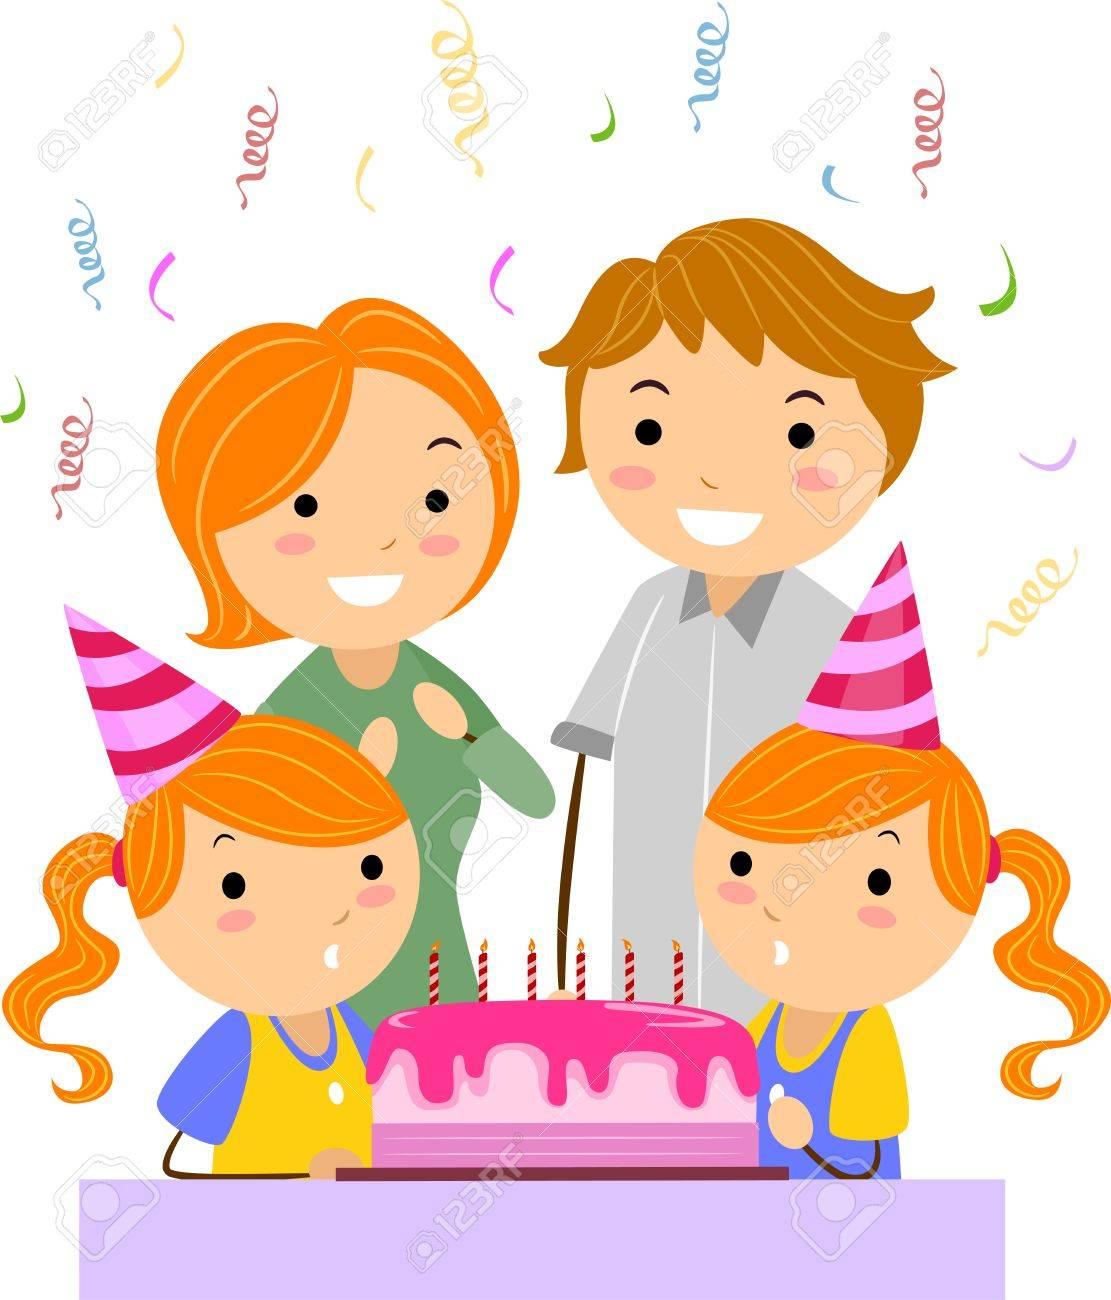 Illustration Des Jumeaux Celebrer Leur Anniversaire Banque D Images